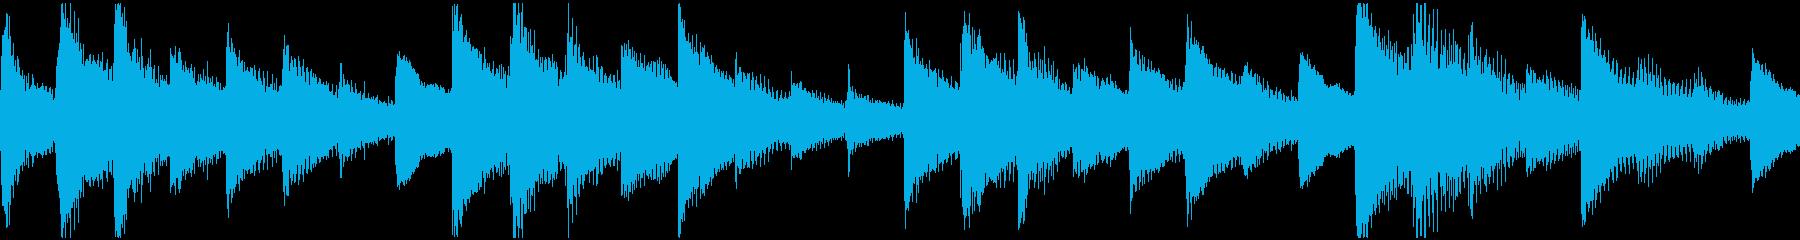 ハープアルペジオ(ループ):癒し、朝の再生済みの波形